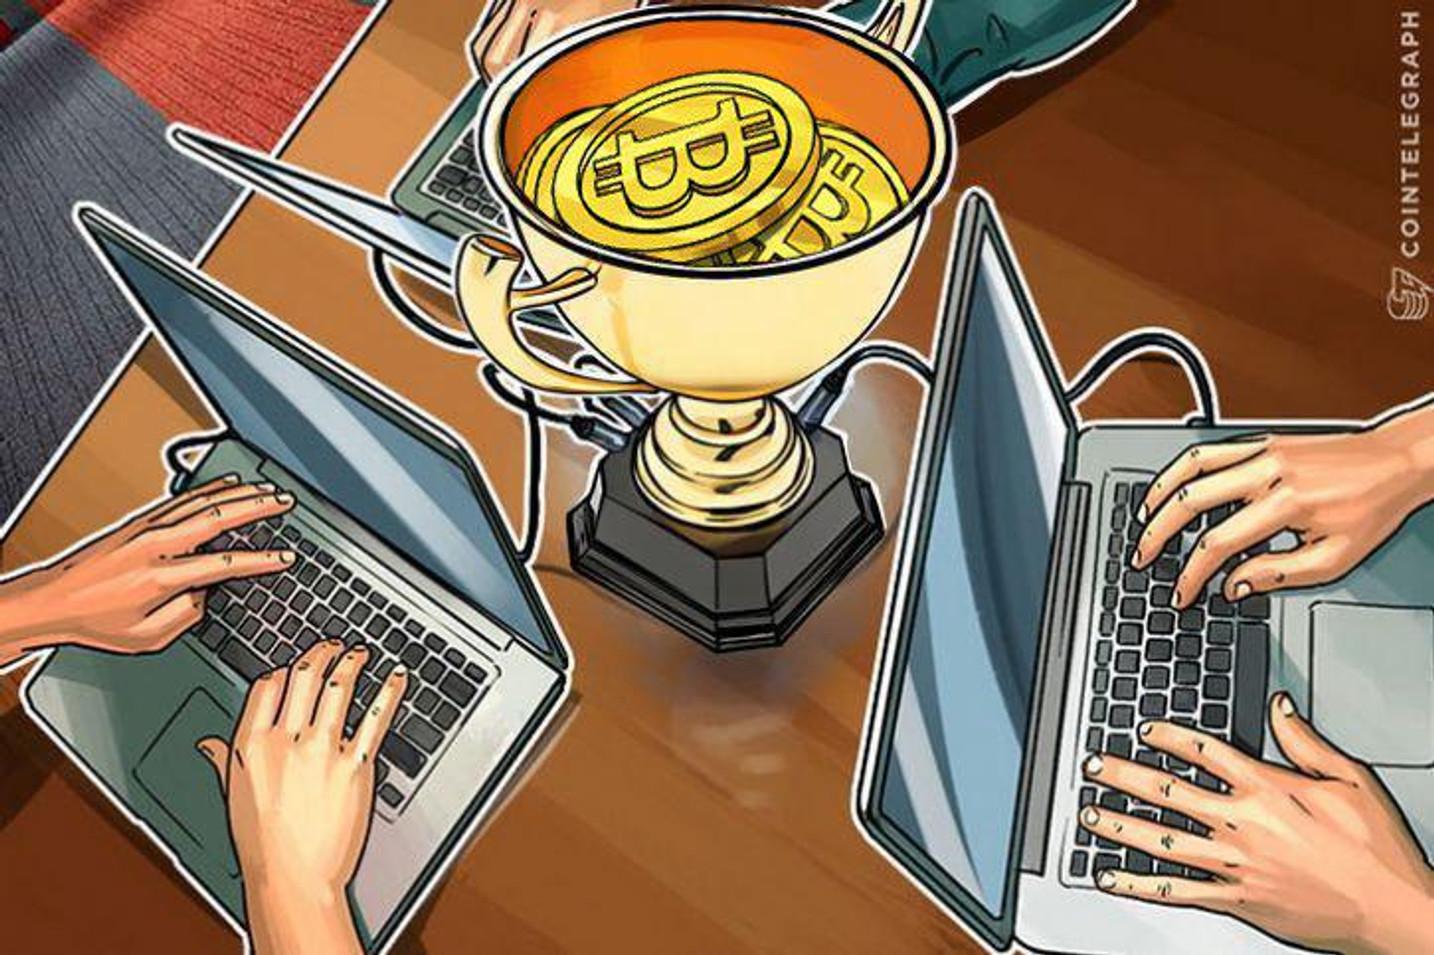 PCゲーム「ビットコインの謎」を解いて1ビットコインをゲット!